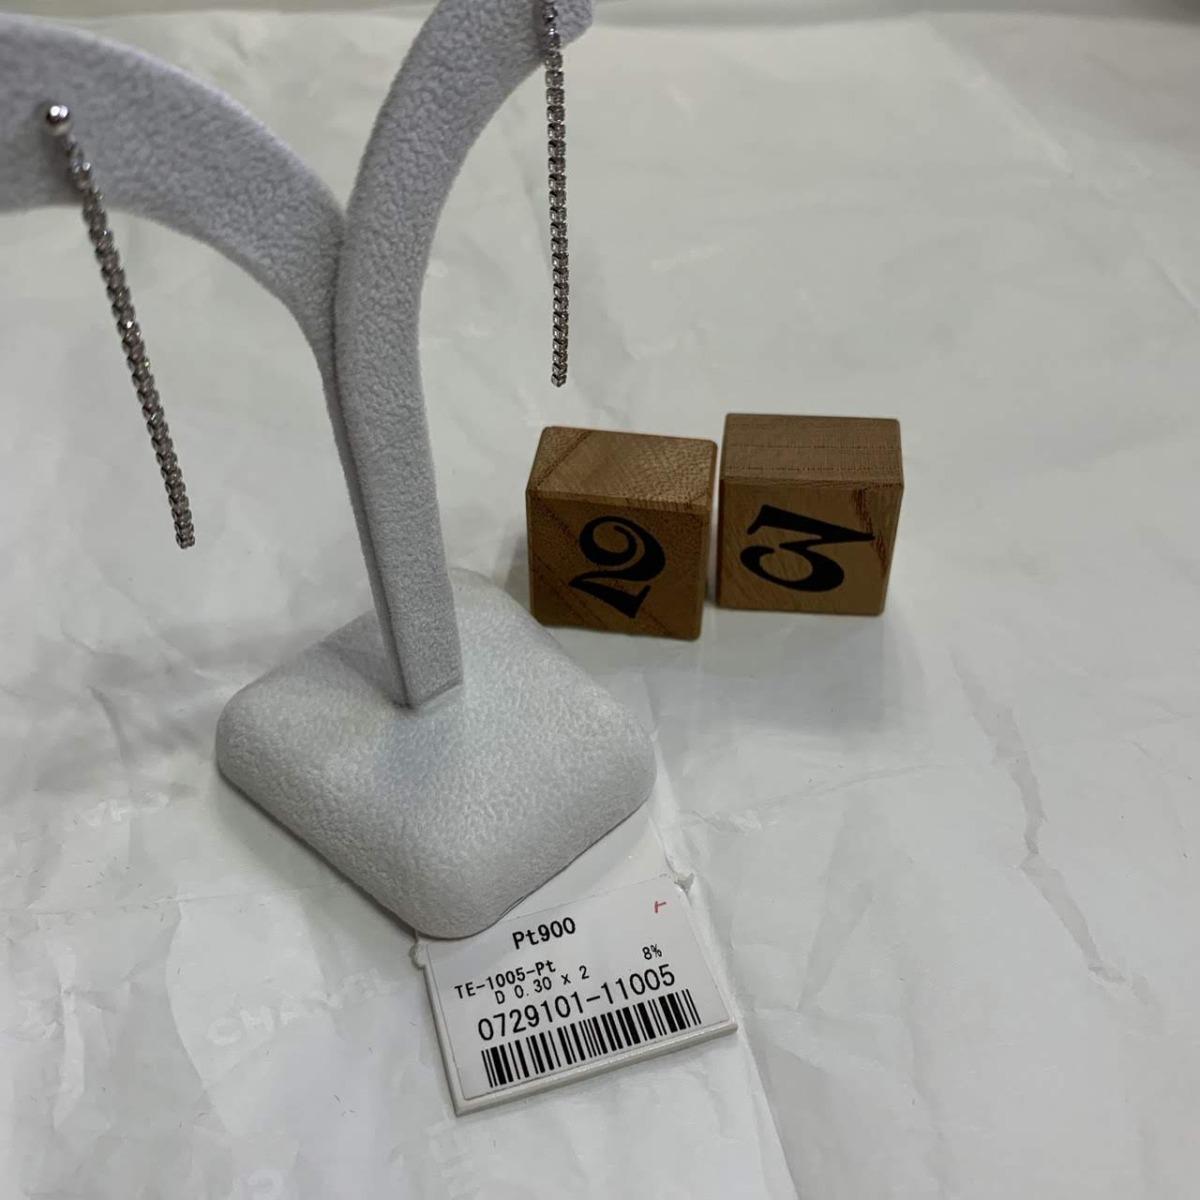 PT900 ダイヤモンドピアス 0.30ct up×2